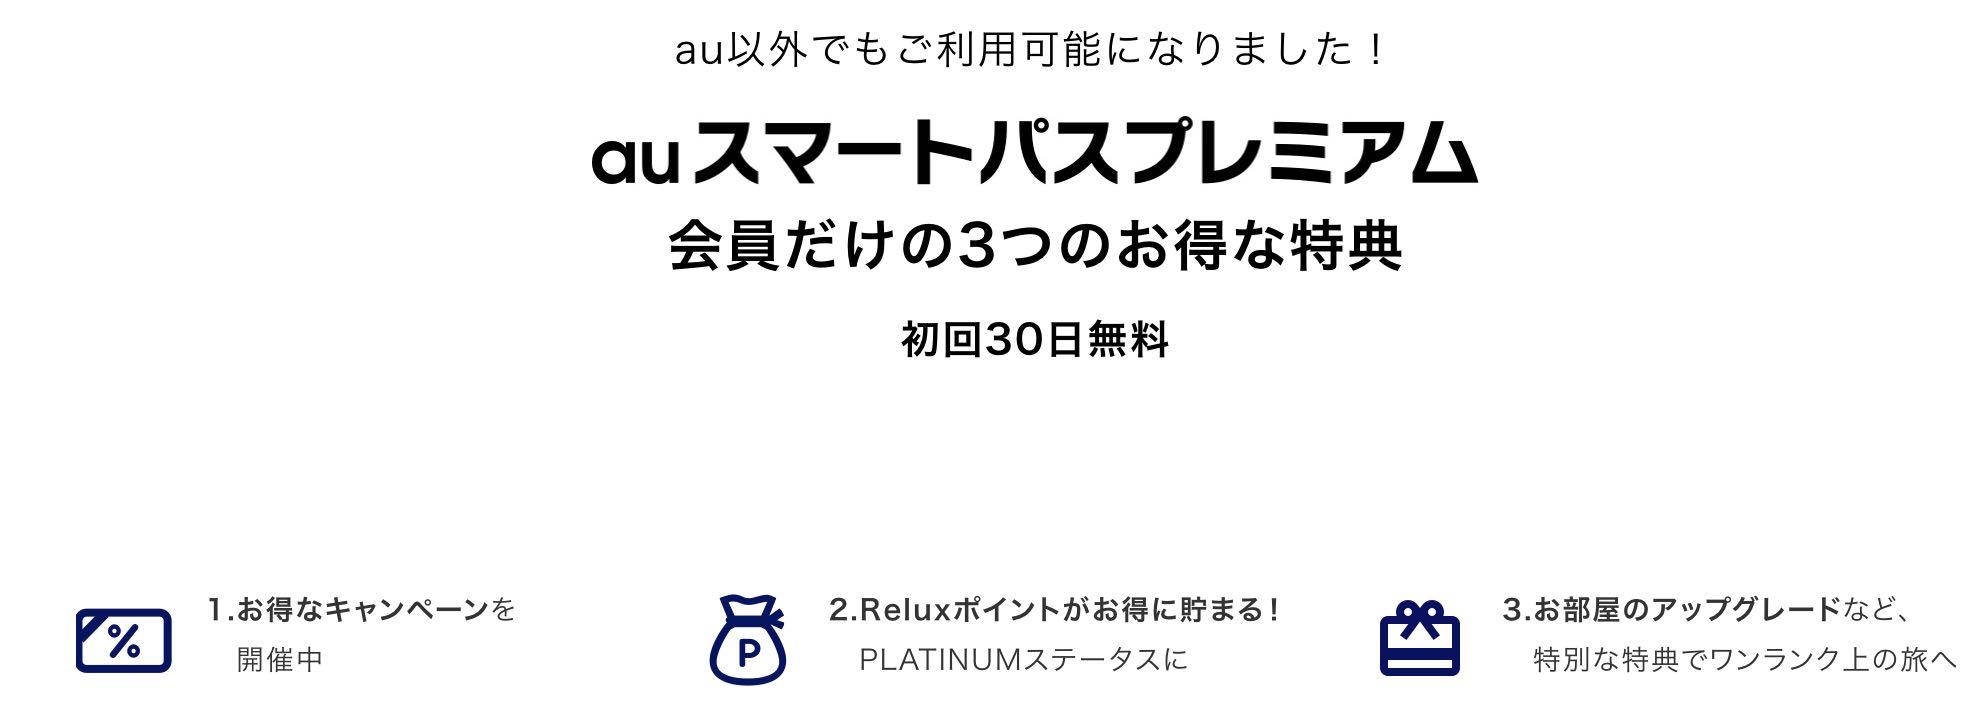 Relux・auスマートパス会員